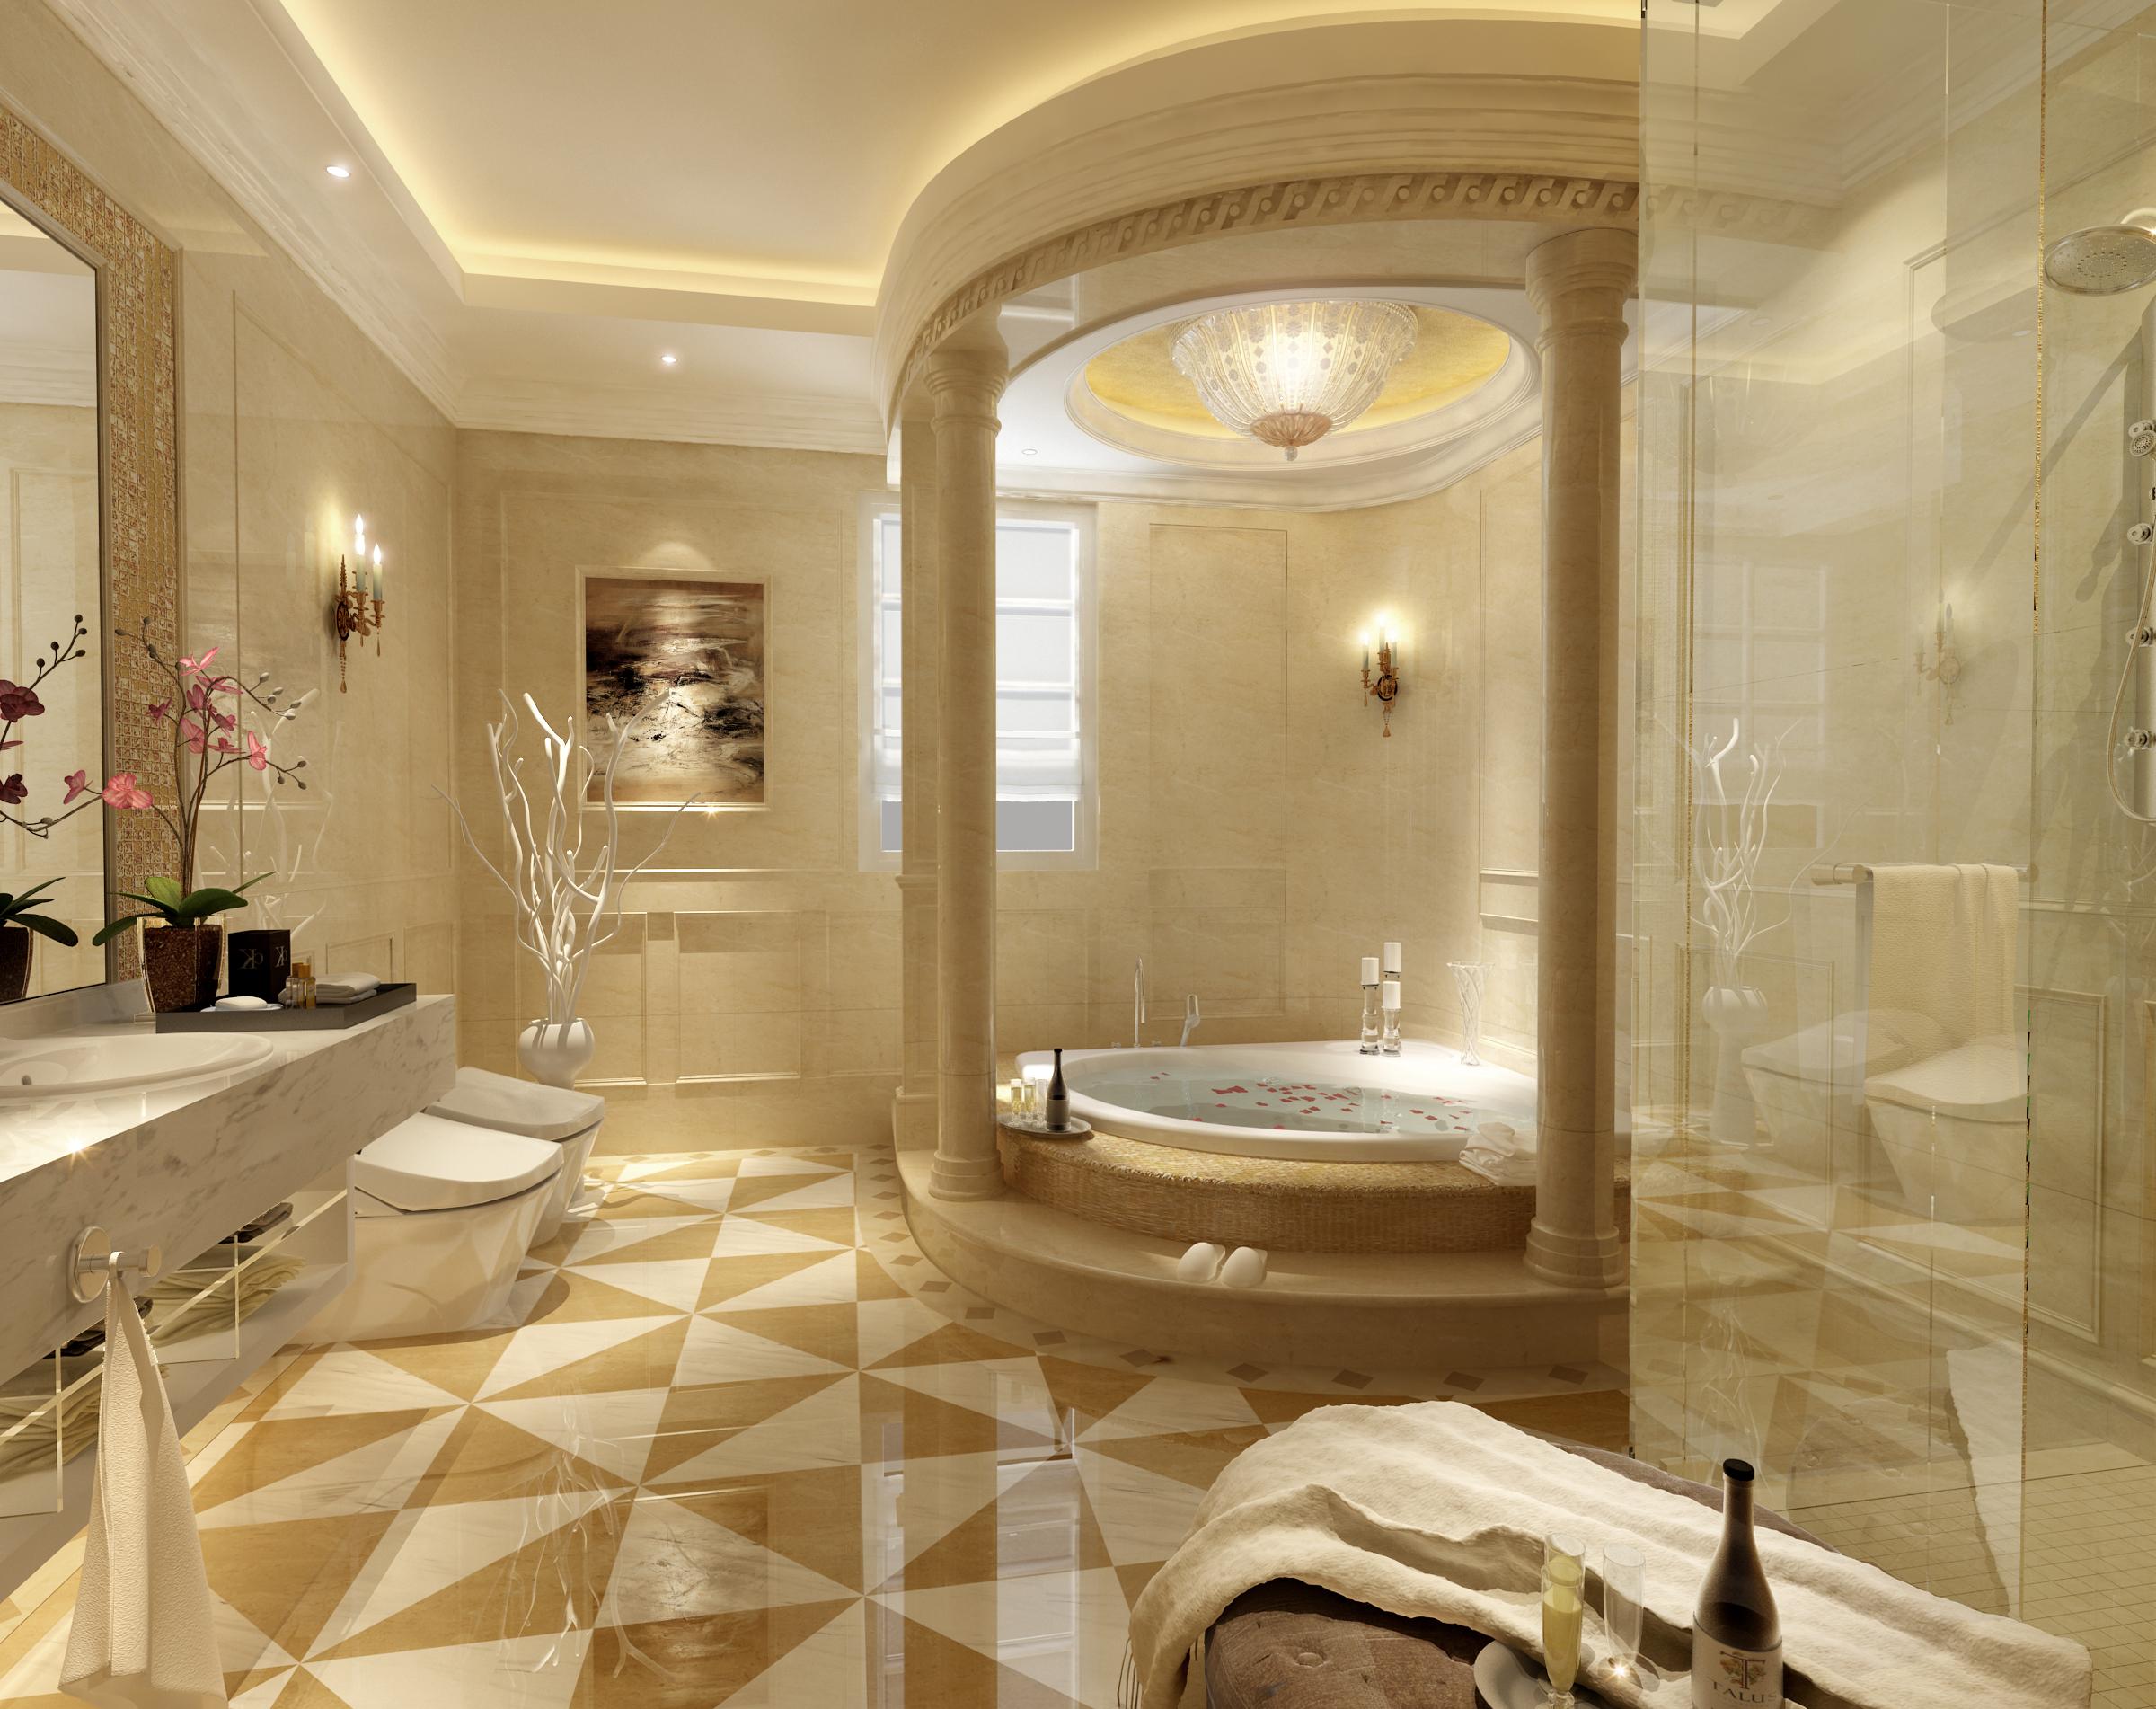 三居 港式 英伦 卫生间图片来自天津京尚装饰在京尚装饰-观锦-港式三居128㎡的分享